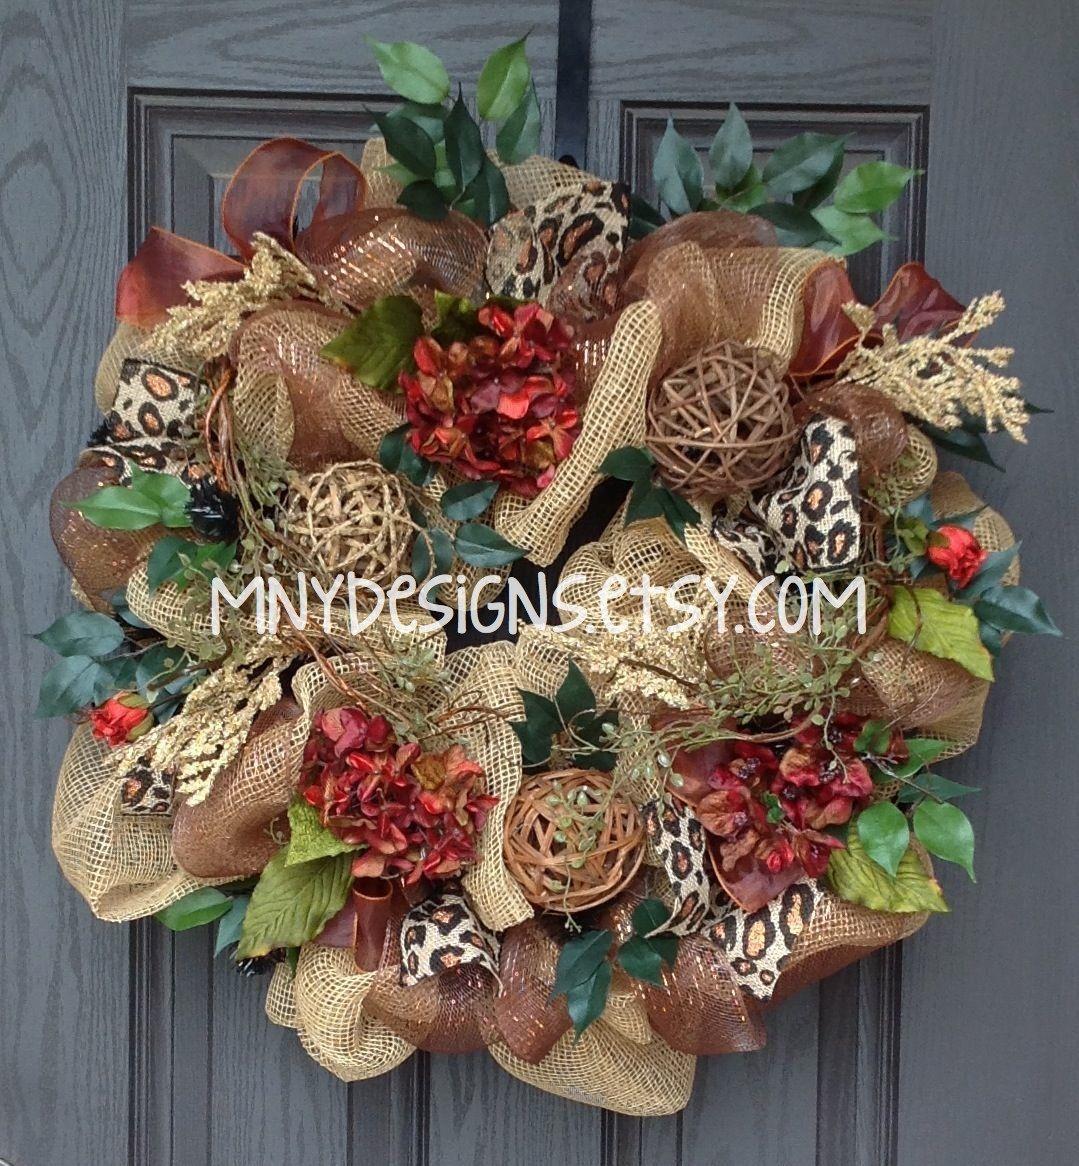 Indoor Wreaths Home Decorating: Burlap Wreath With Leopard Burlap Ribbon, Indoor/Outdoor